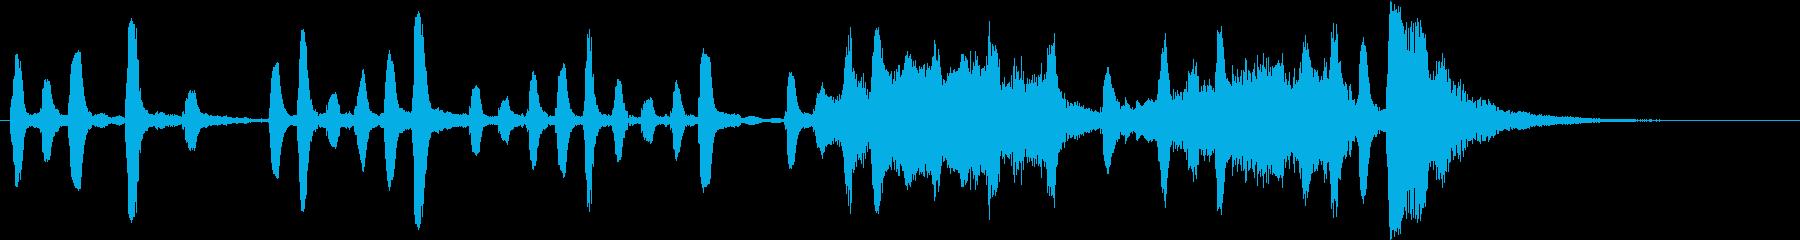 Voice 15 秒ジングルの再生済みの波形